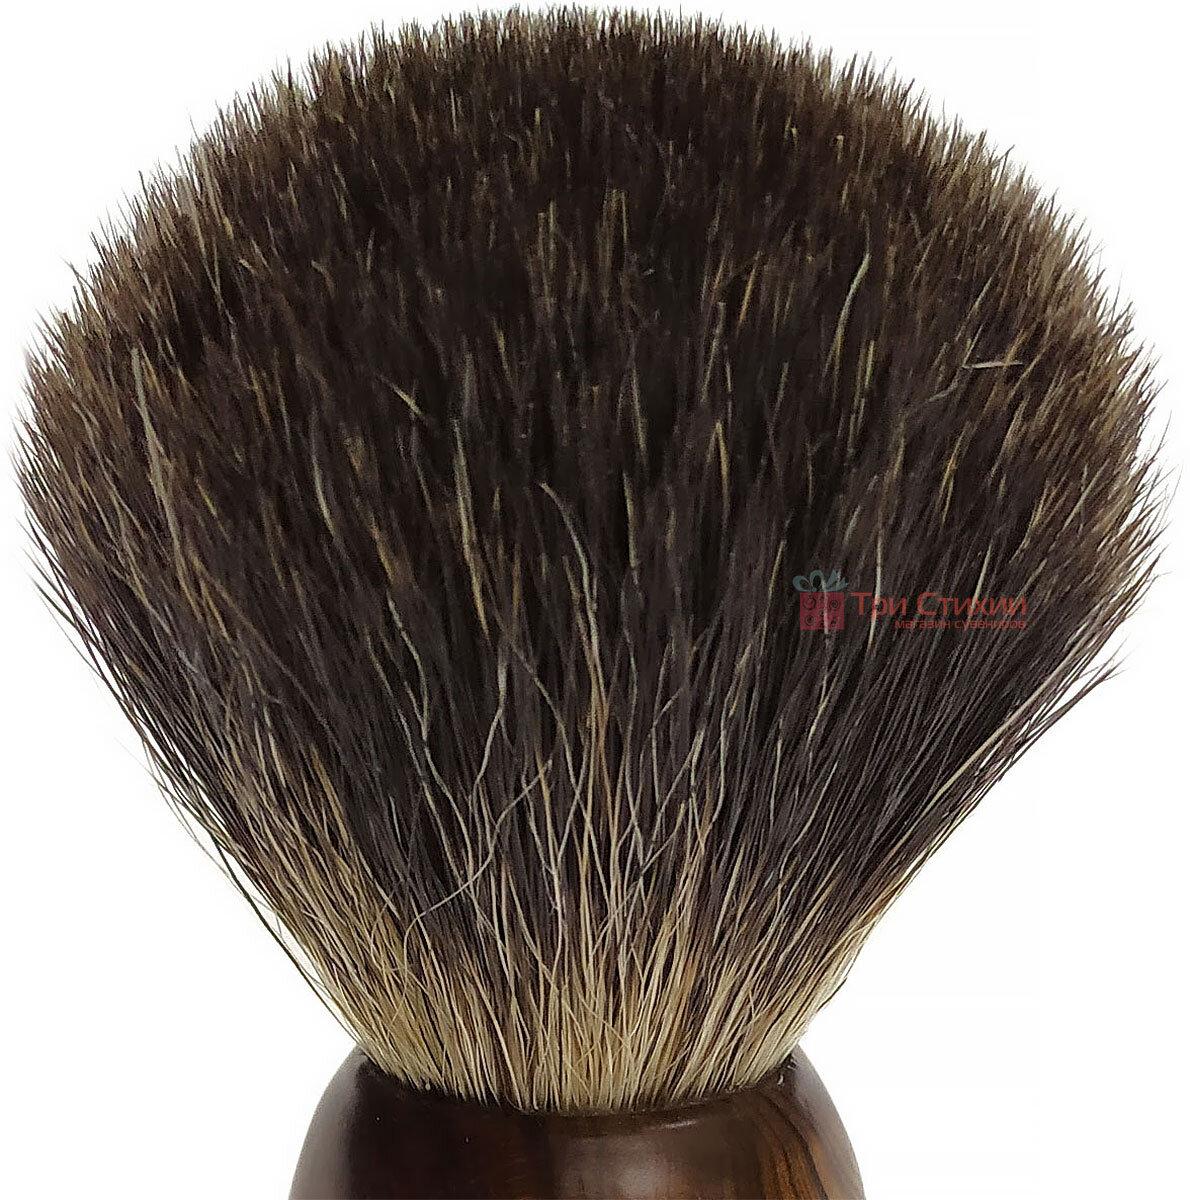 Помазок барсук для бритья Hans Baier 51181 Коричневый, фото 2